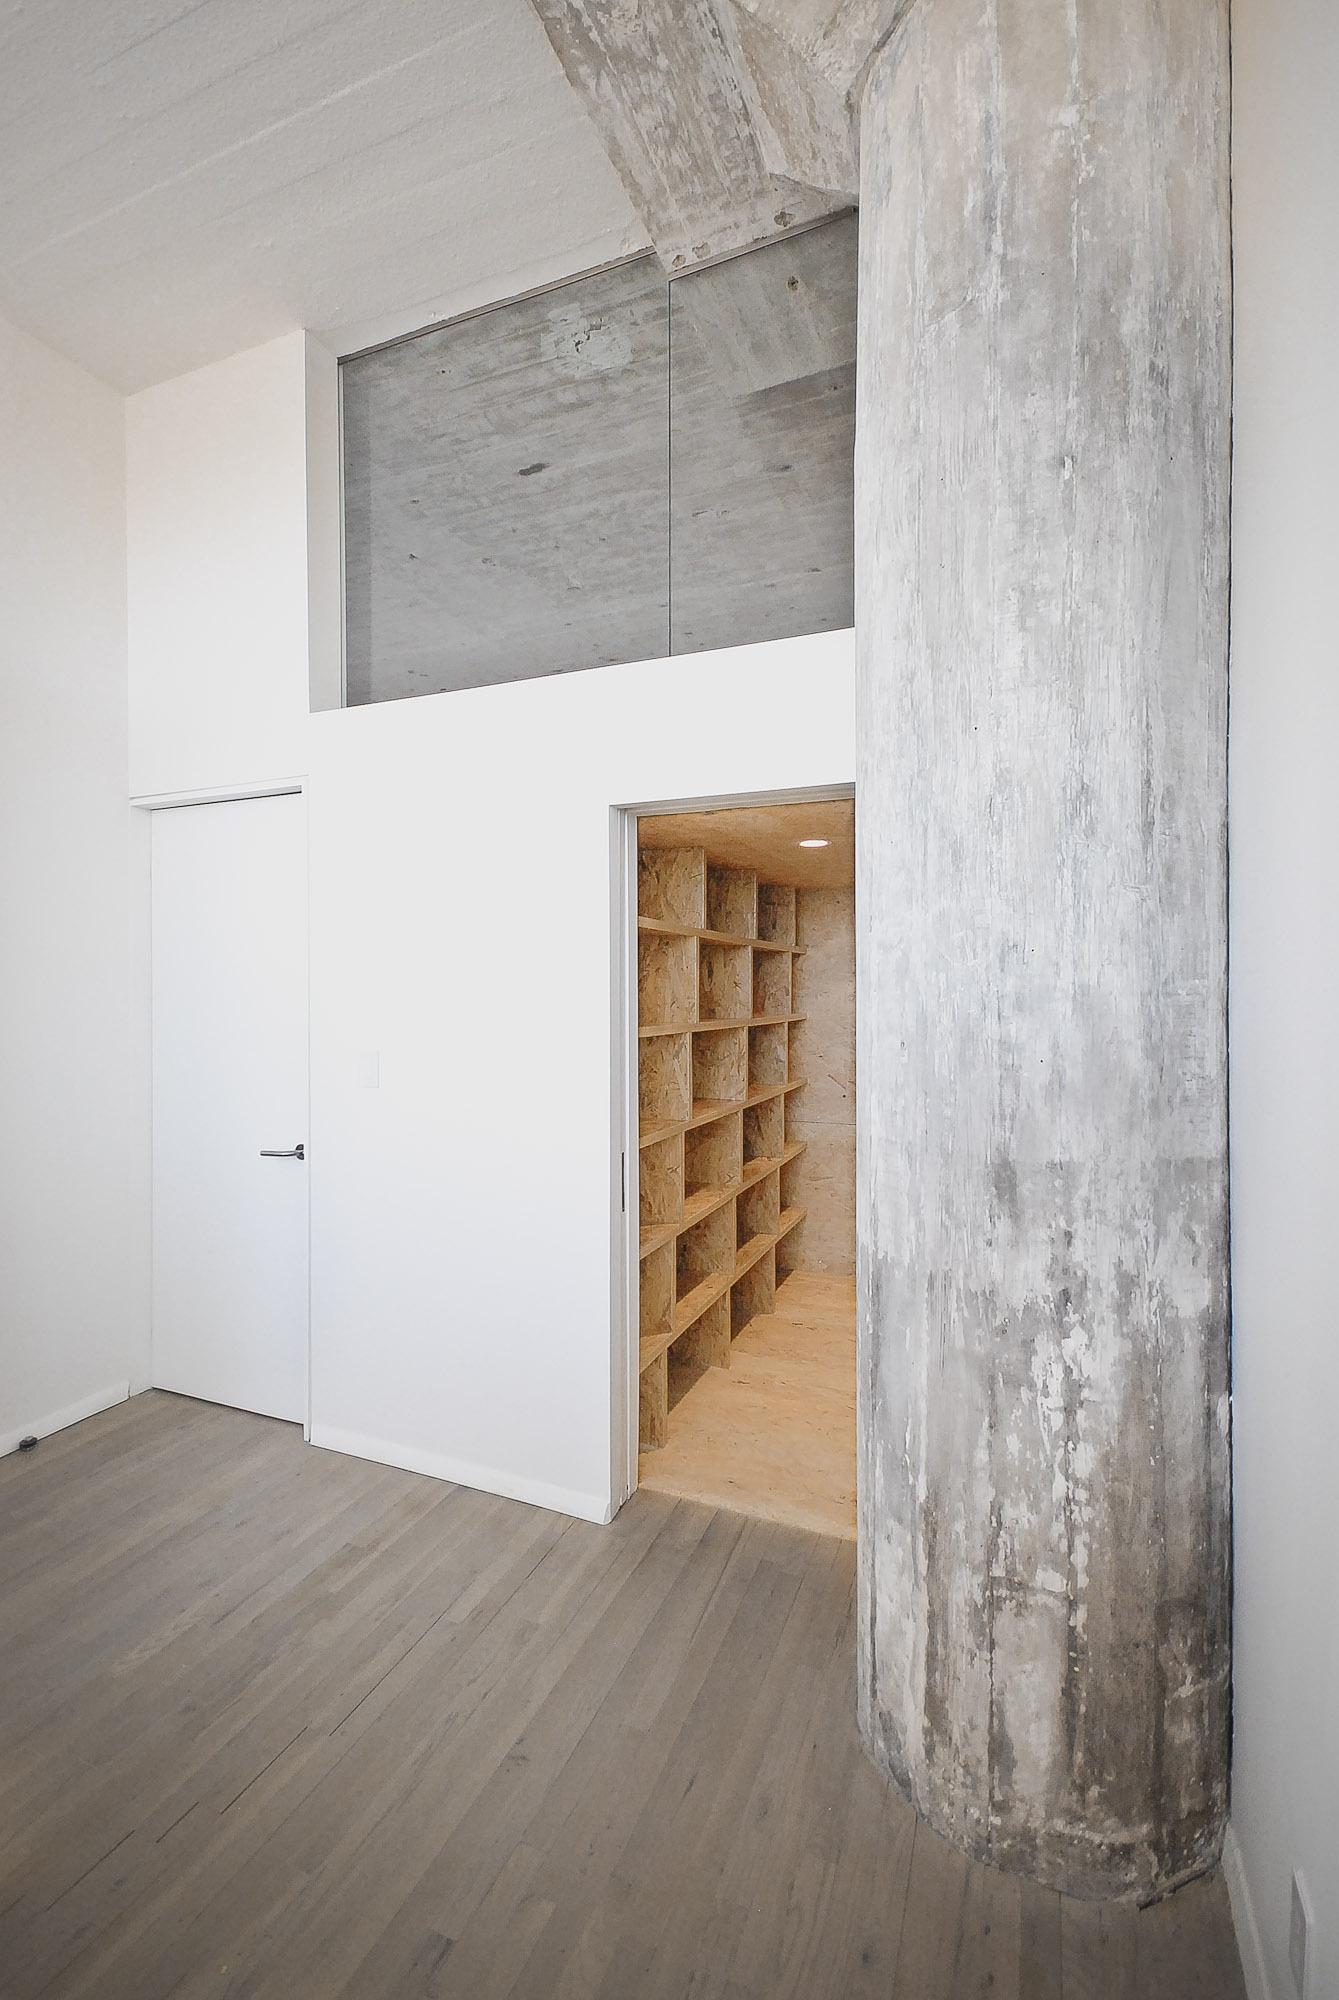 Doehler / Sabo Project (13)